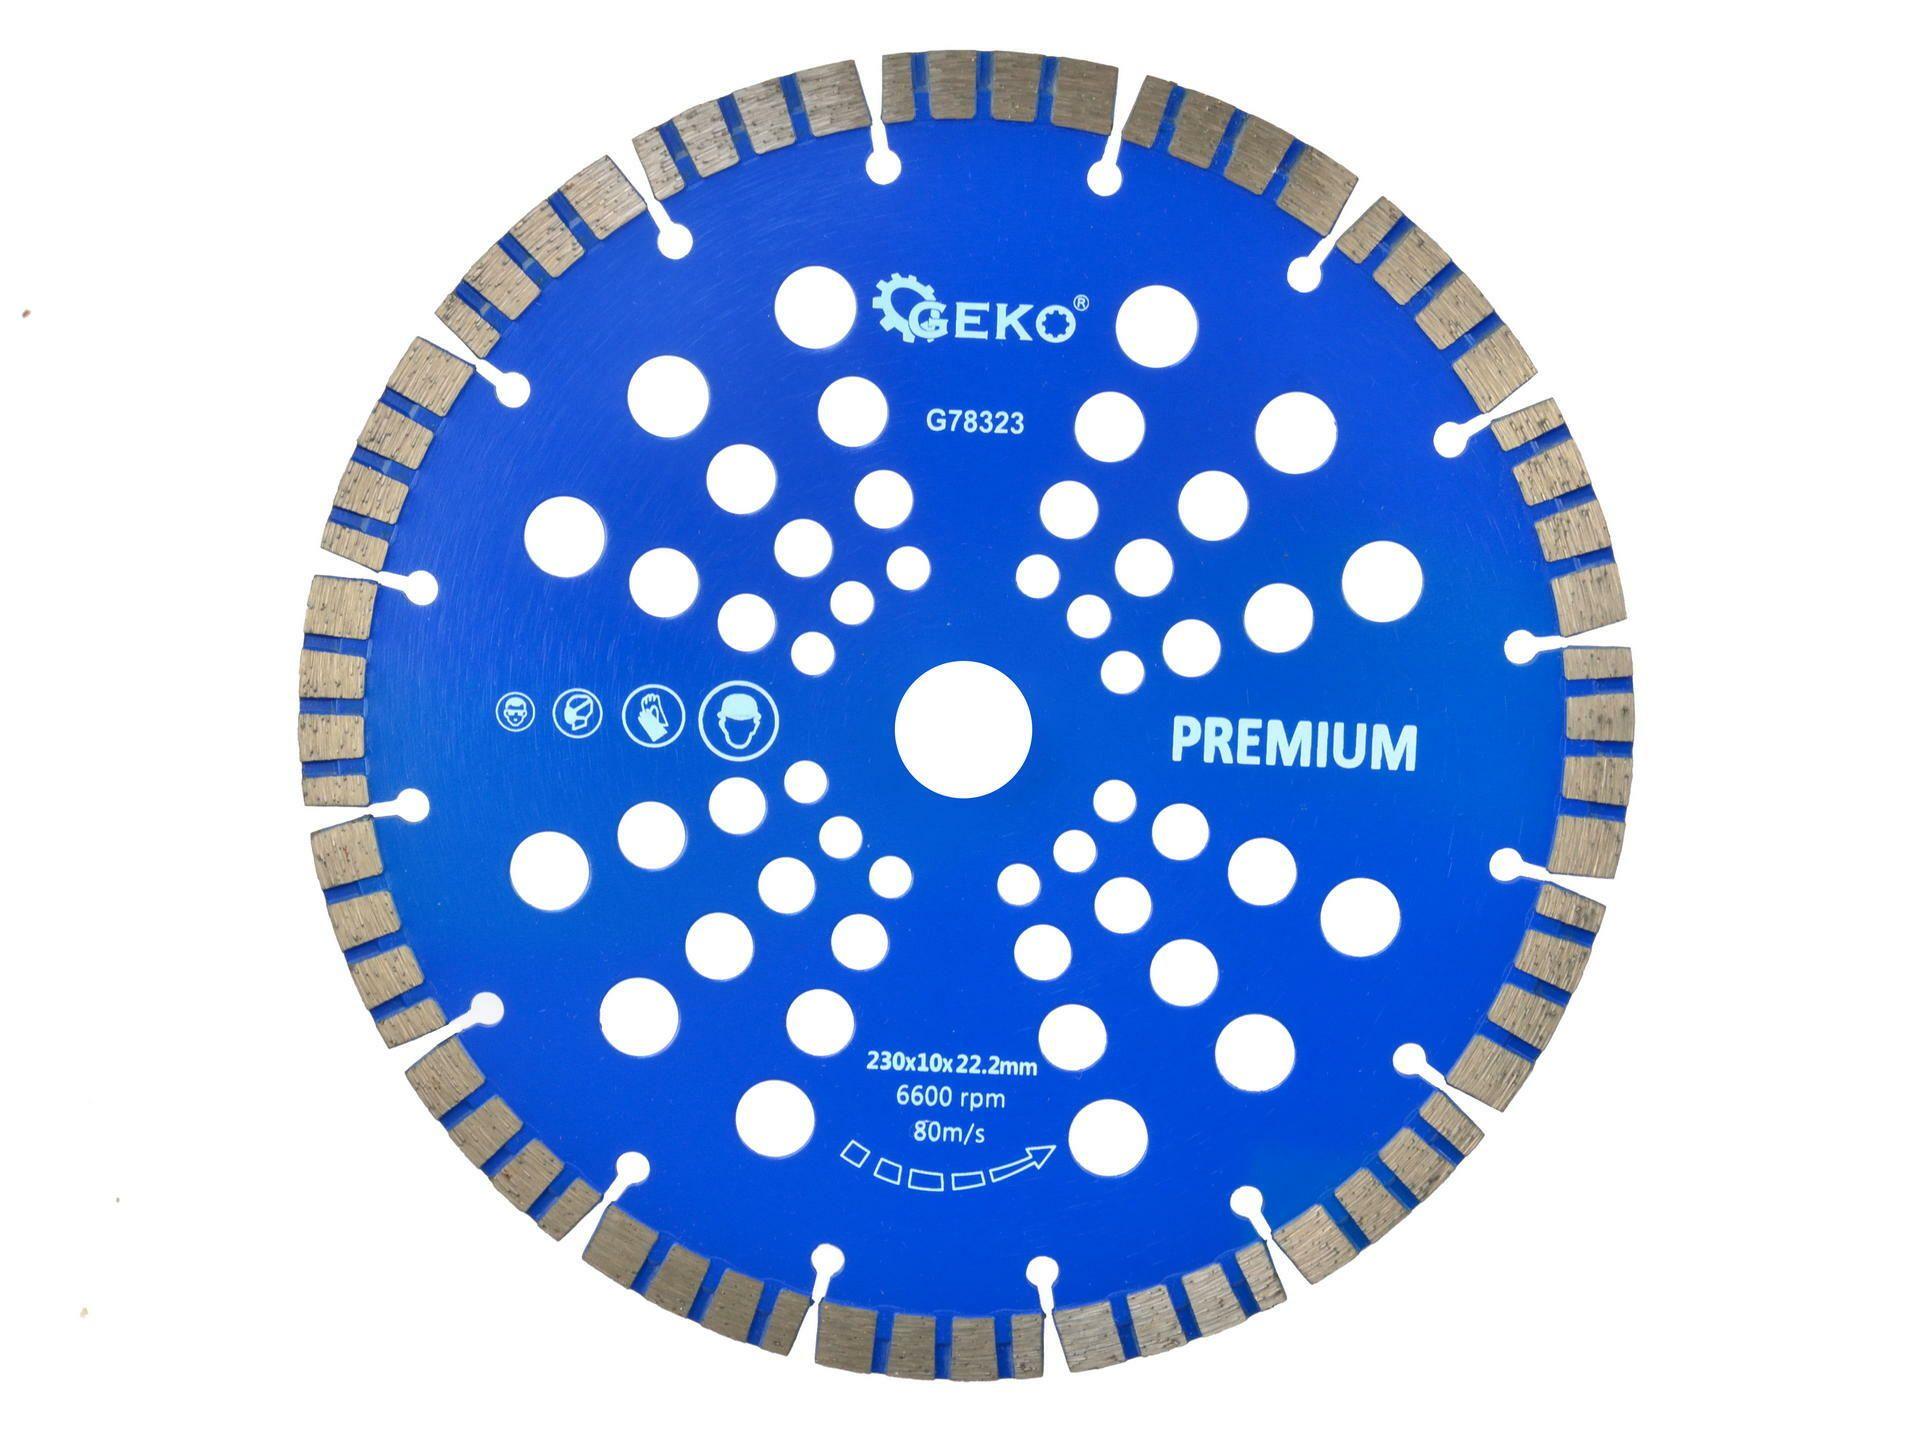 Řezný kotouč diamantový segmentový, 230x22x10mm, GEKO G78323